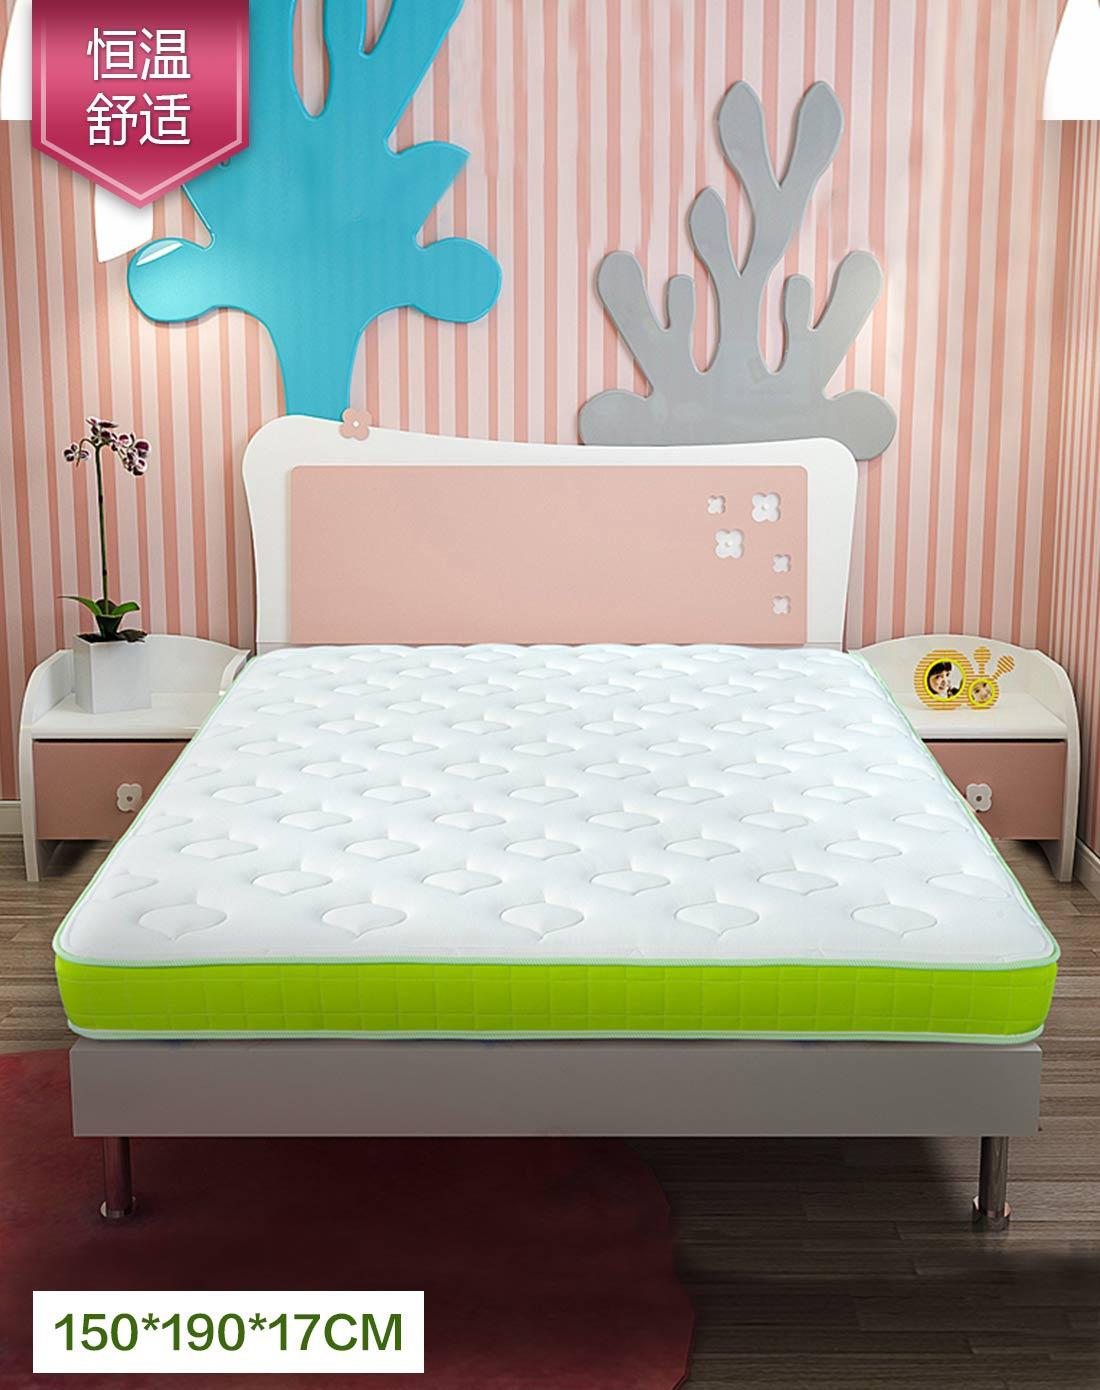 喜临门sleemon床垫硅胶恒温记忆绵儿童床垫1.5*1.9*c